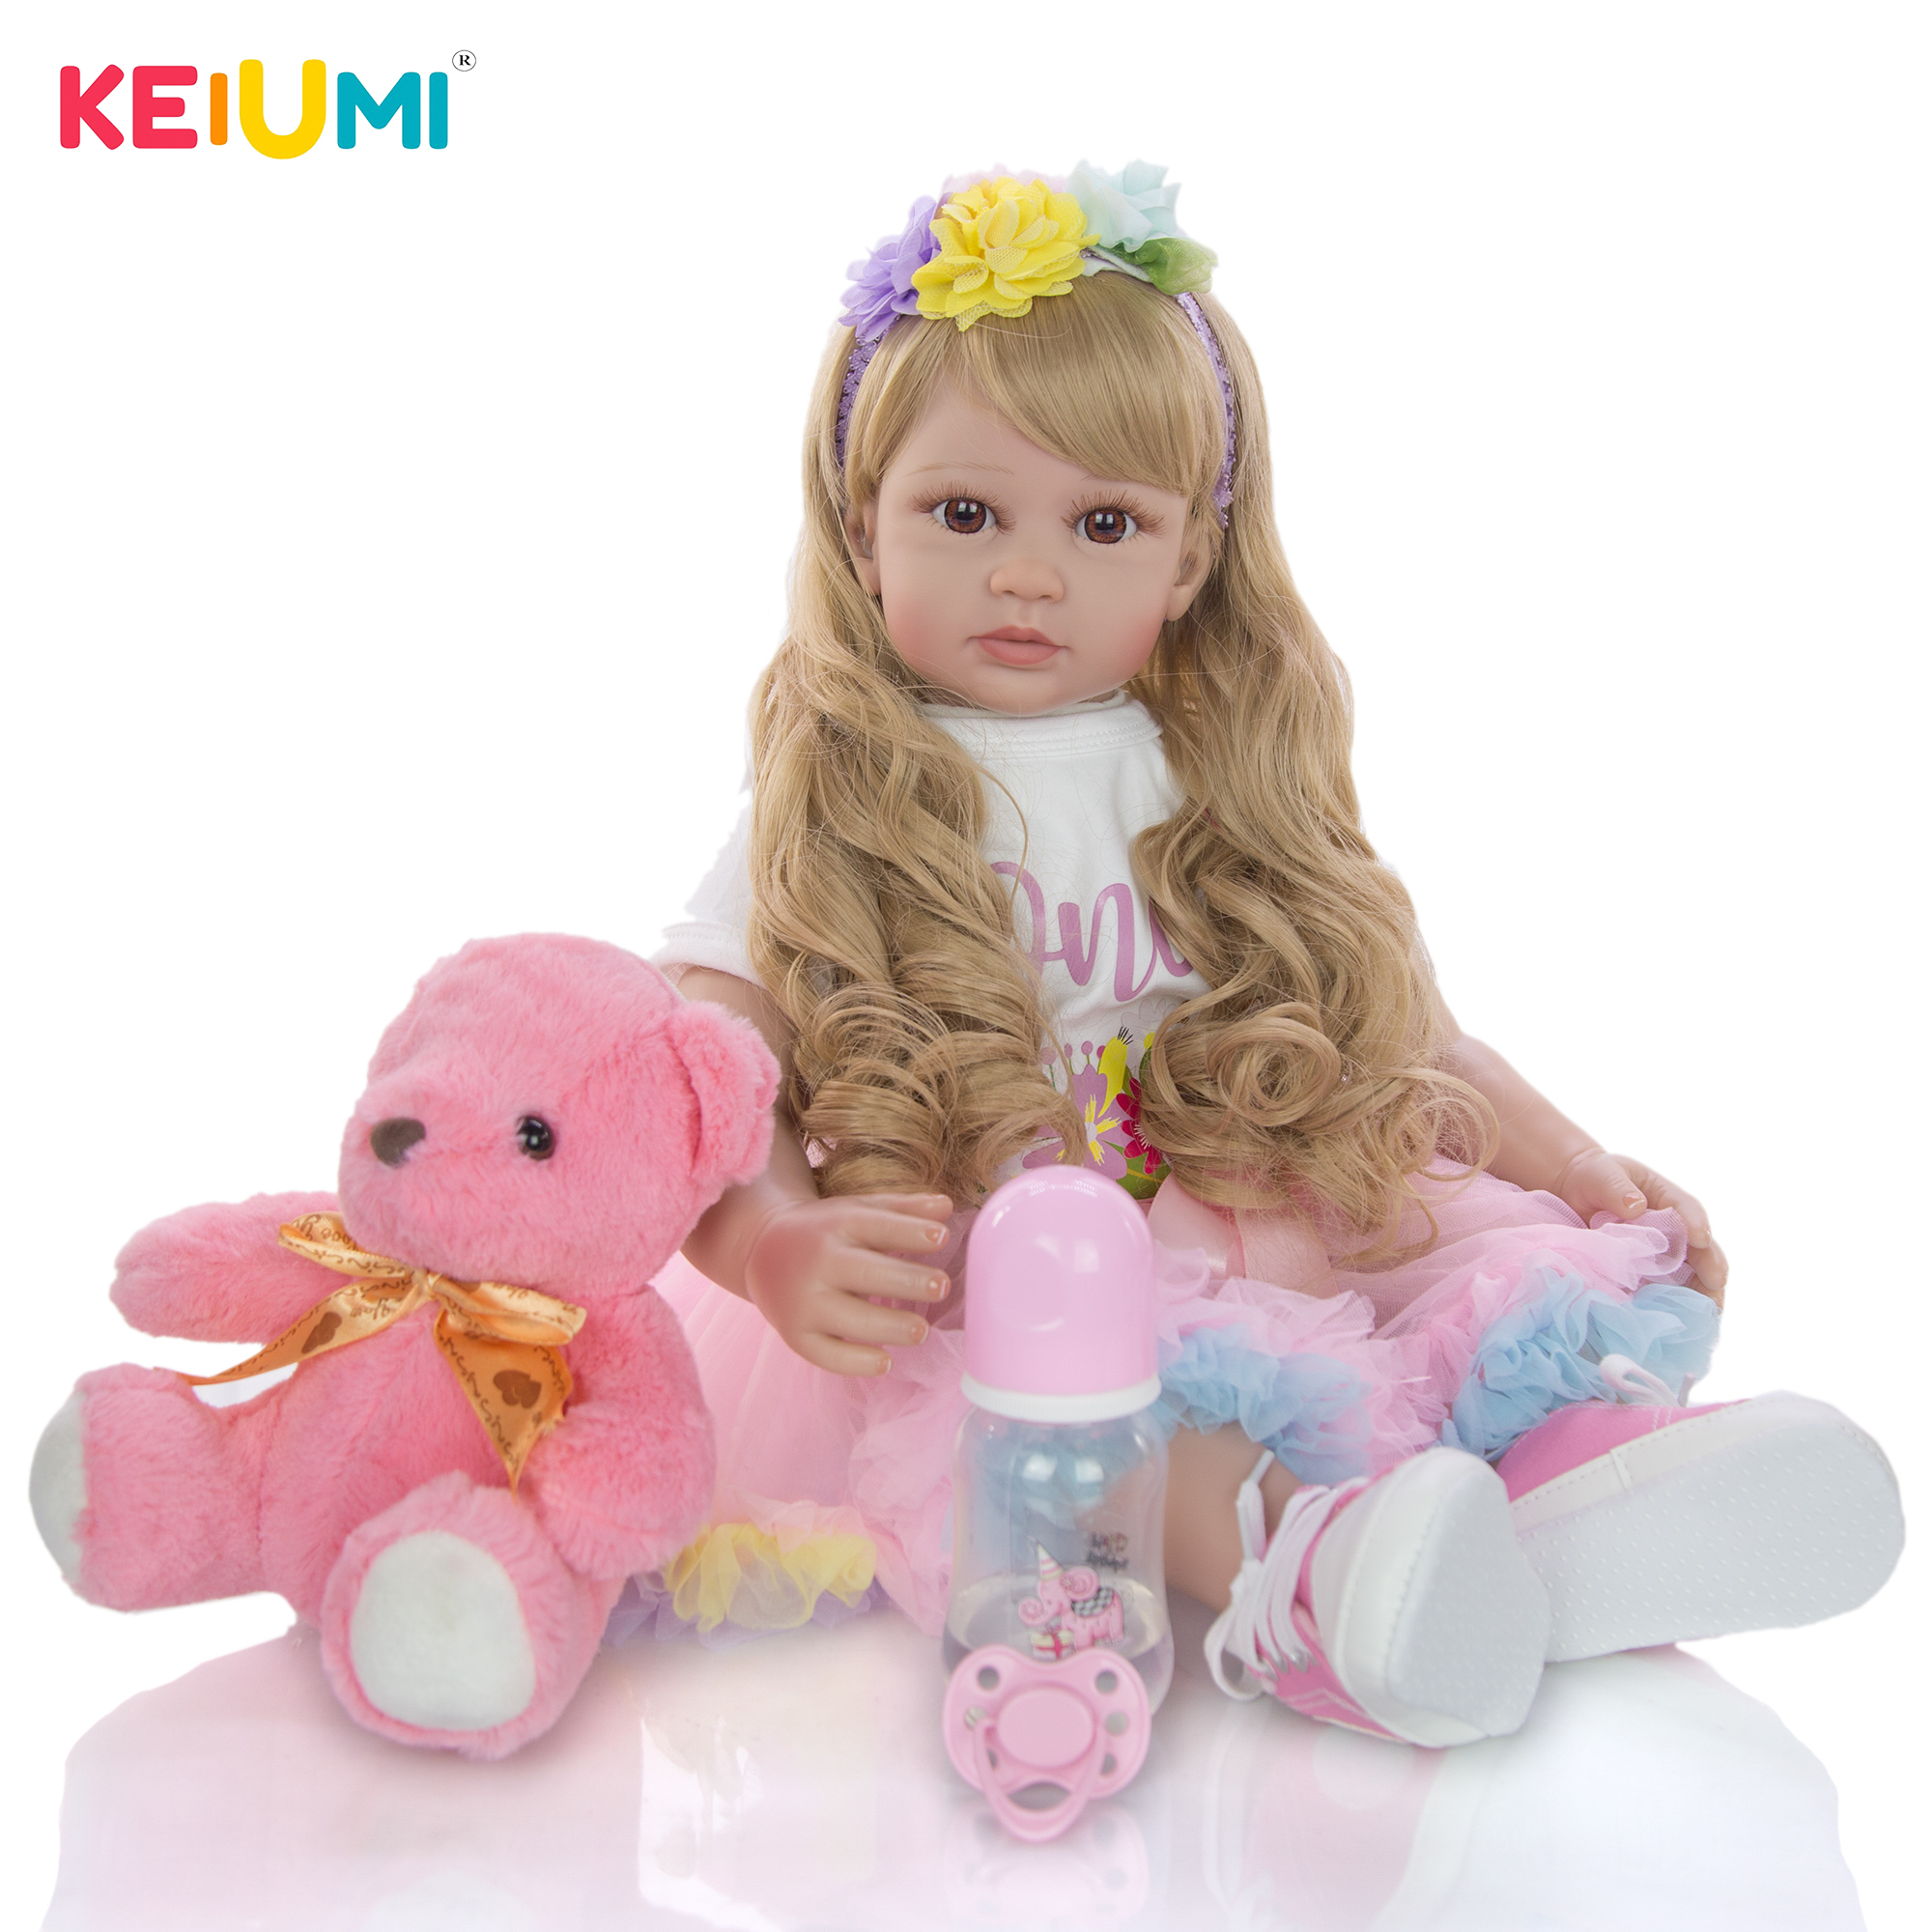 Кукла реборн тканевый, модная Кукла принцессы, подарок на день рождения, игровой домик, игрушка для девочек, 60 см, 24 дюйма